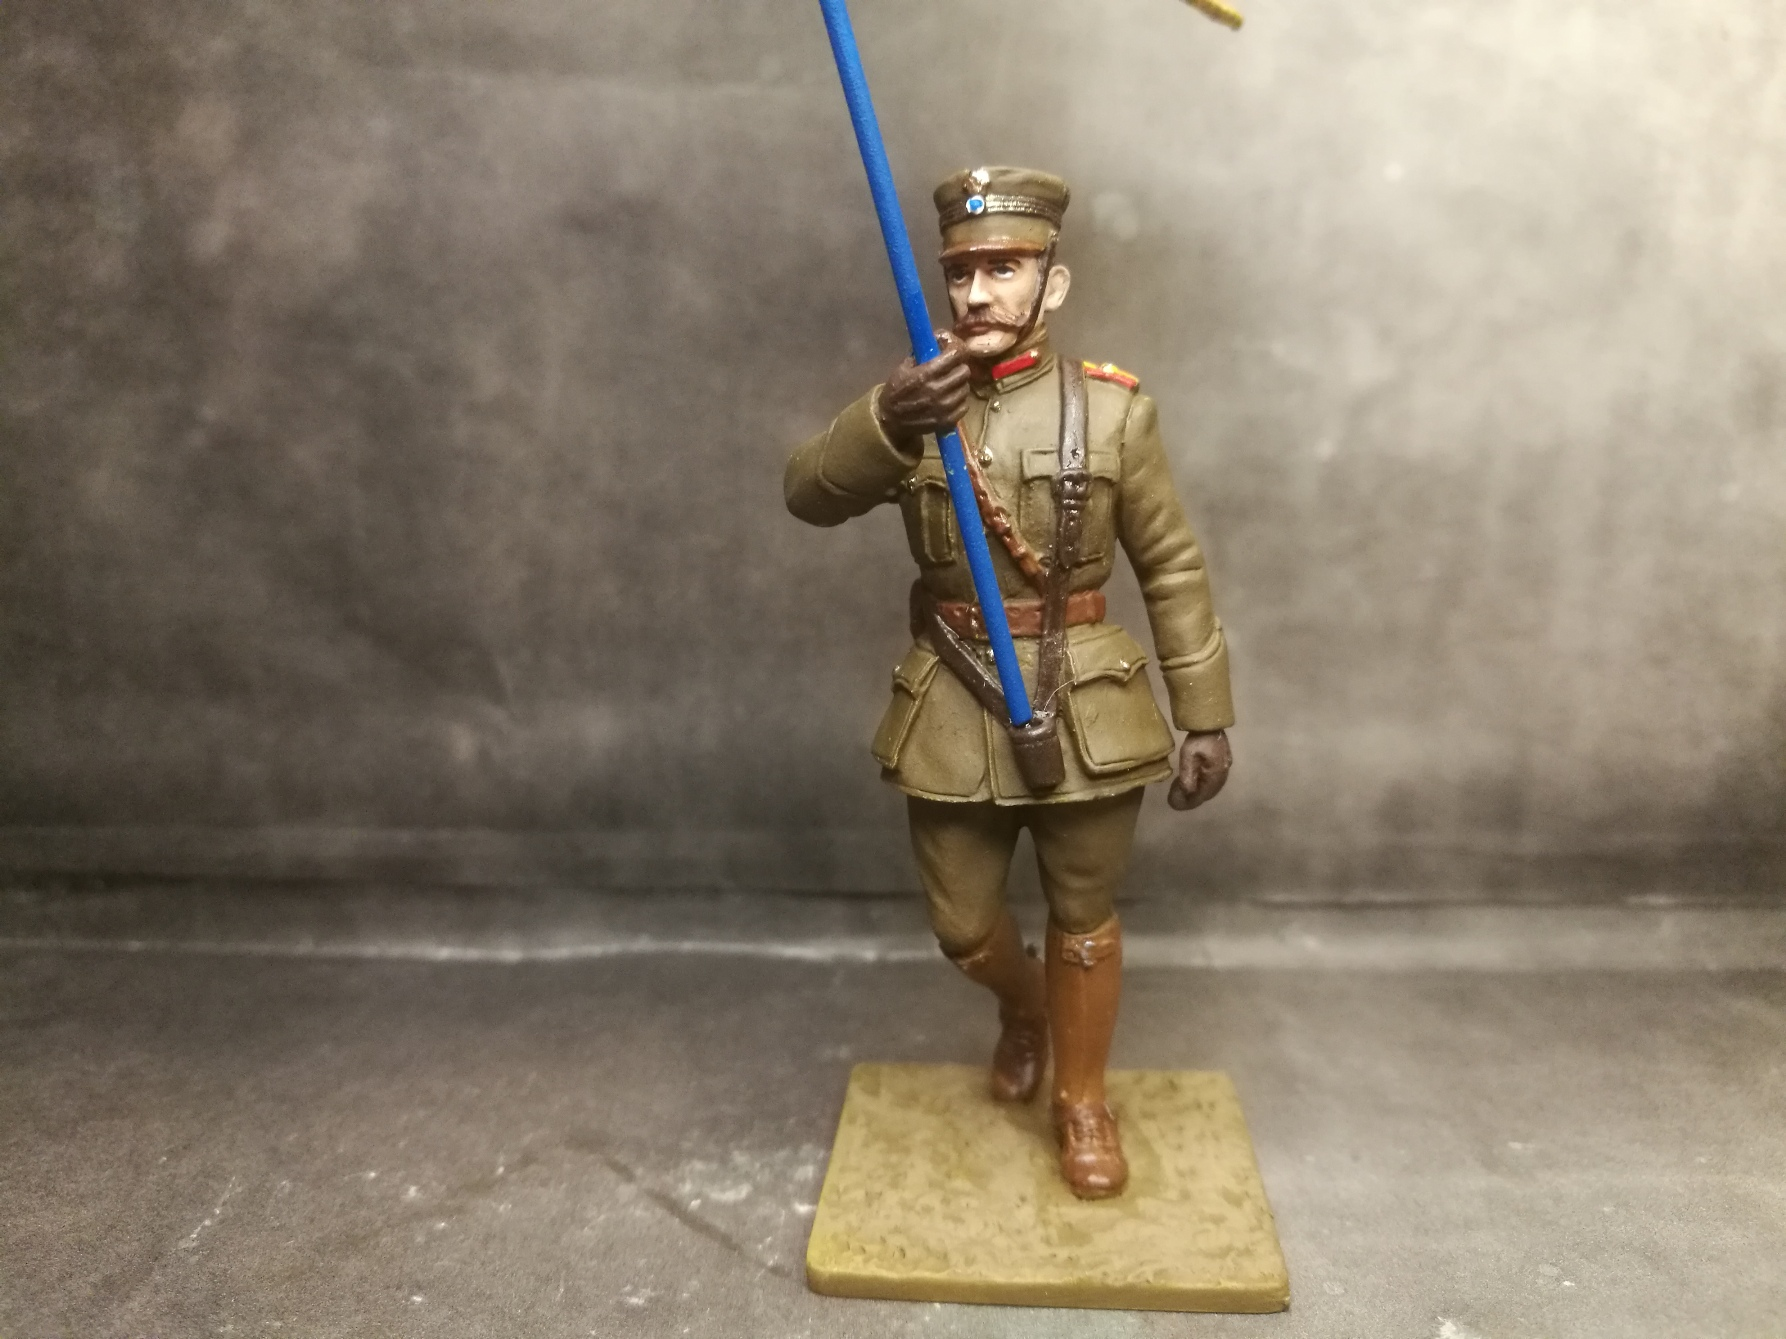 ΠερGreek Officer Standard Bearer , 1919 , WWI , Paris Paradeιγραφή εικόνας